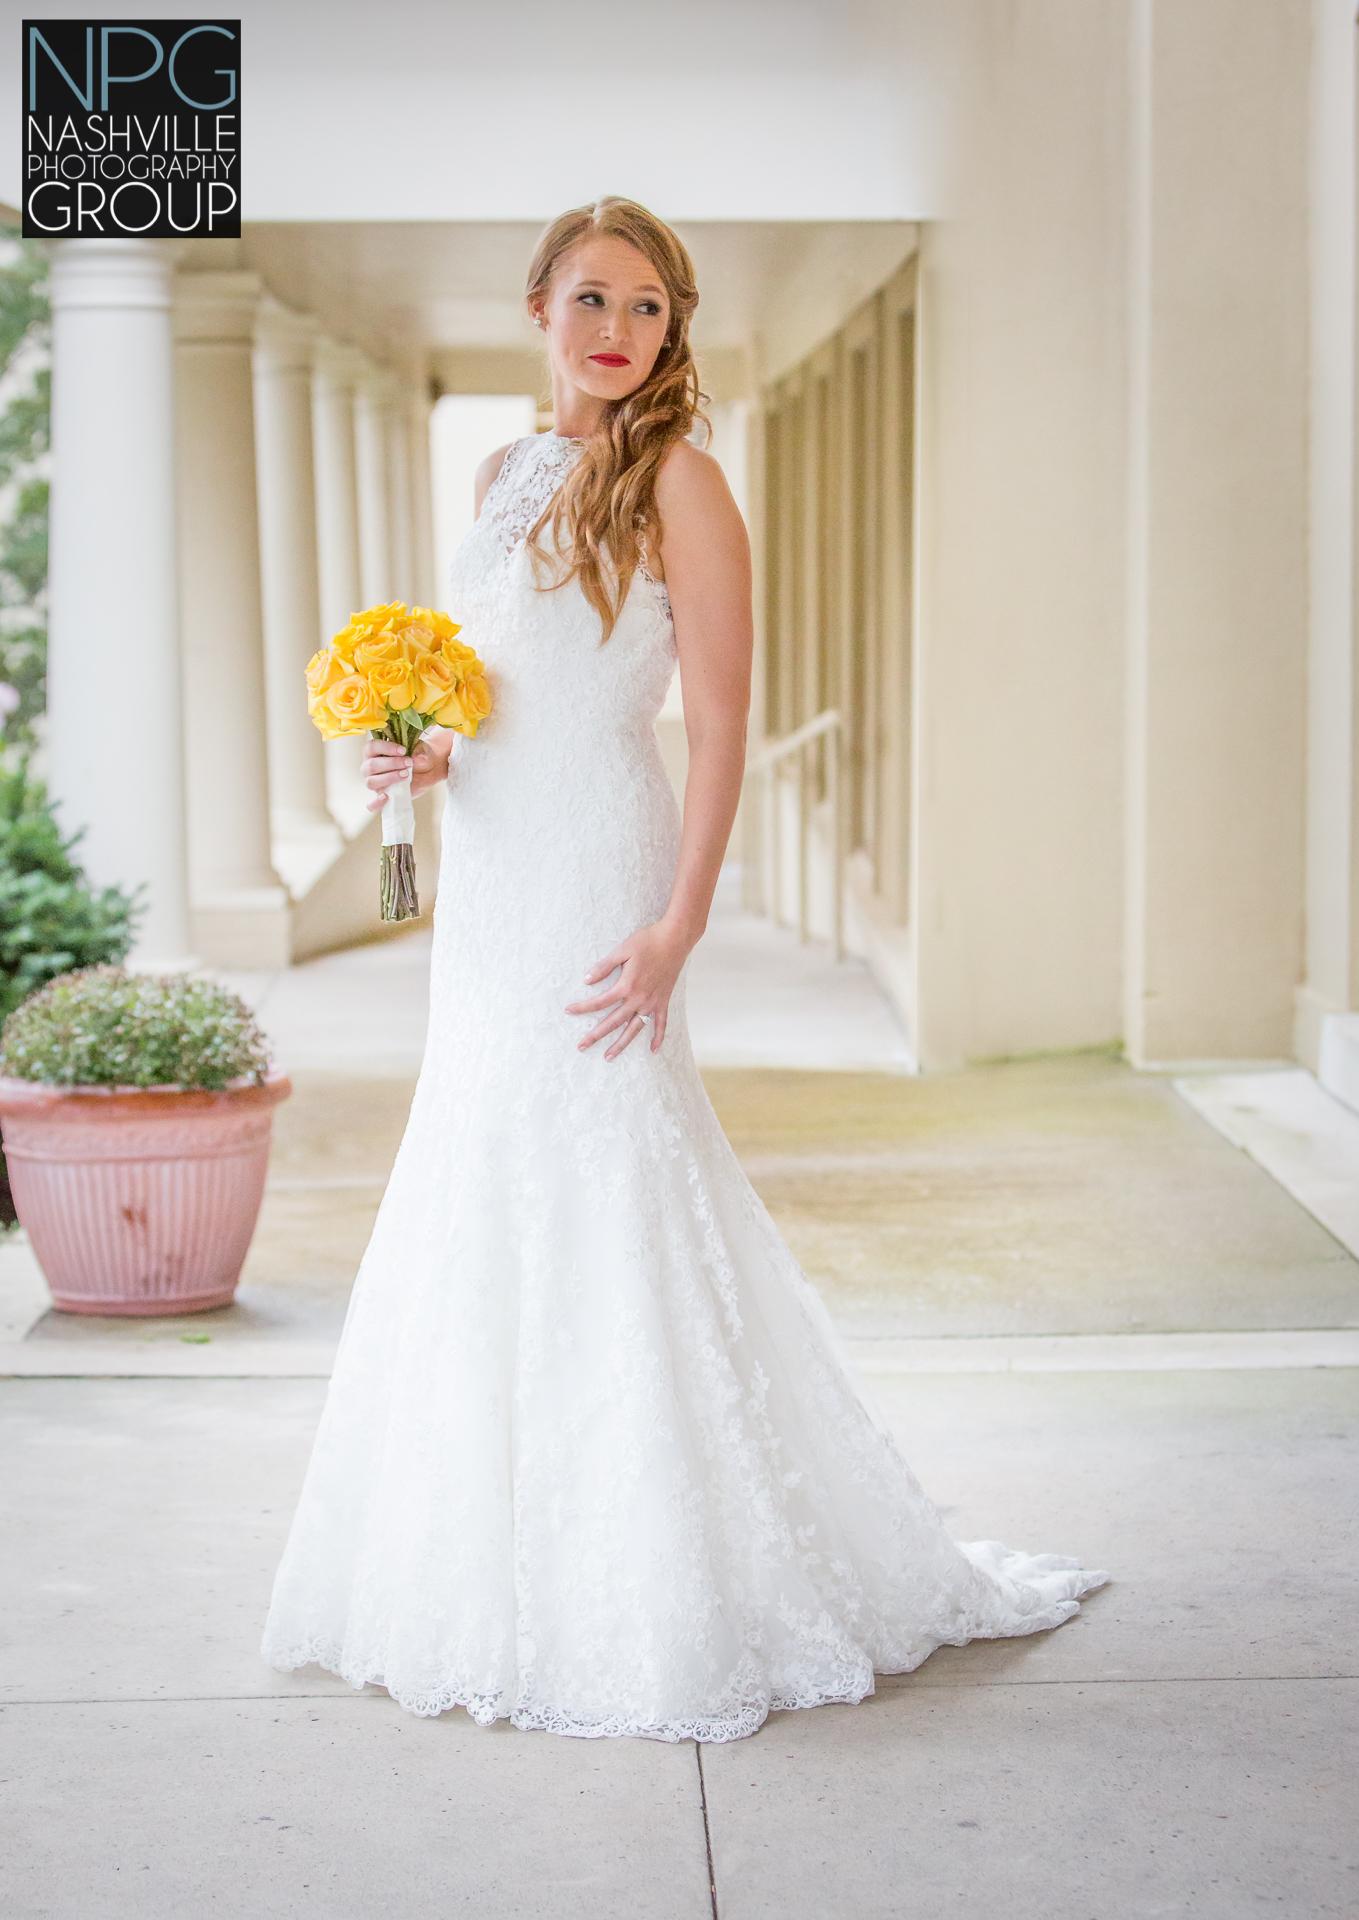 Nashville Photography Group wedding photographers2-4.jpg